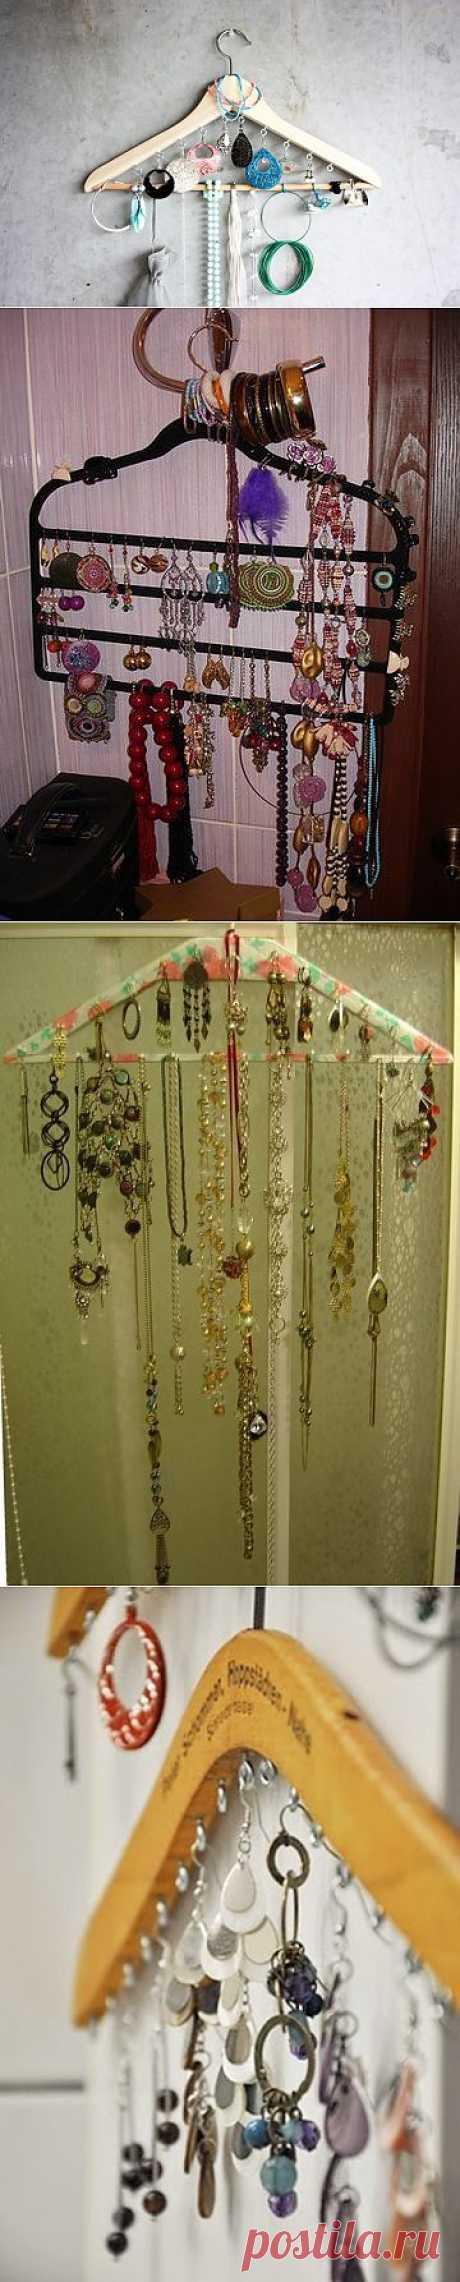 Вешалки для украшений / Организованное хранение / Модный сайт о стильной переделке одежды и интерьера